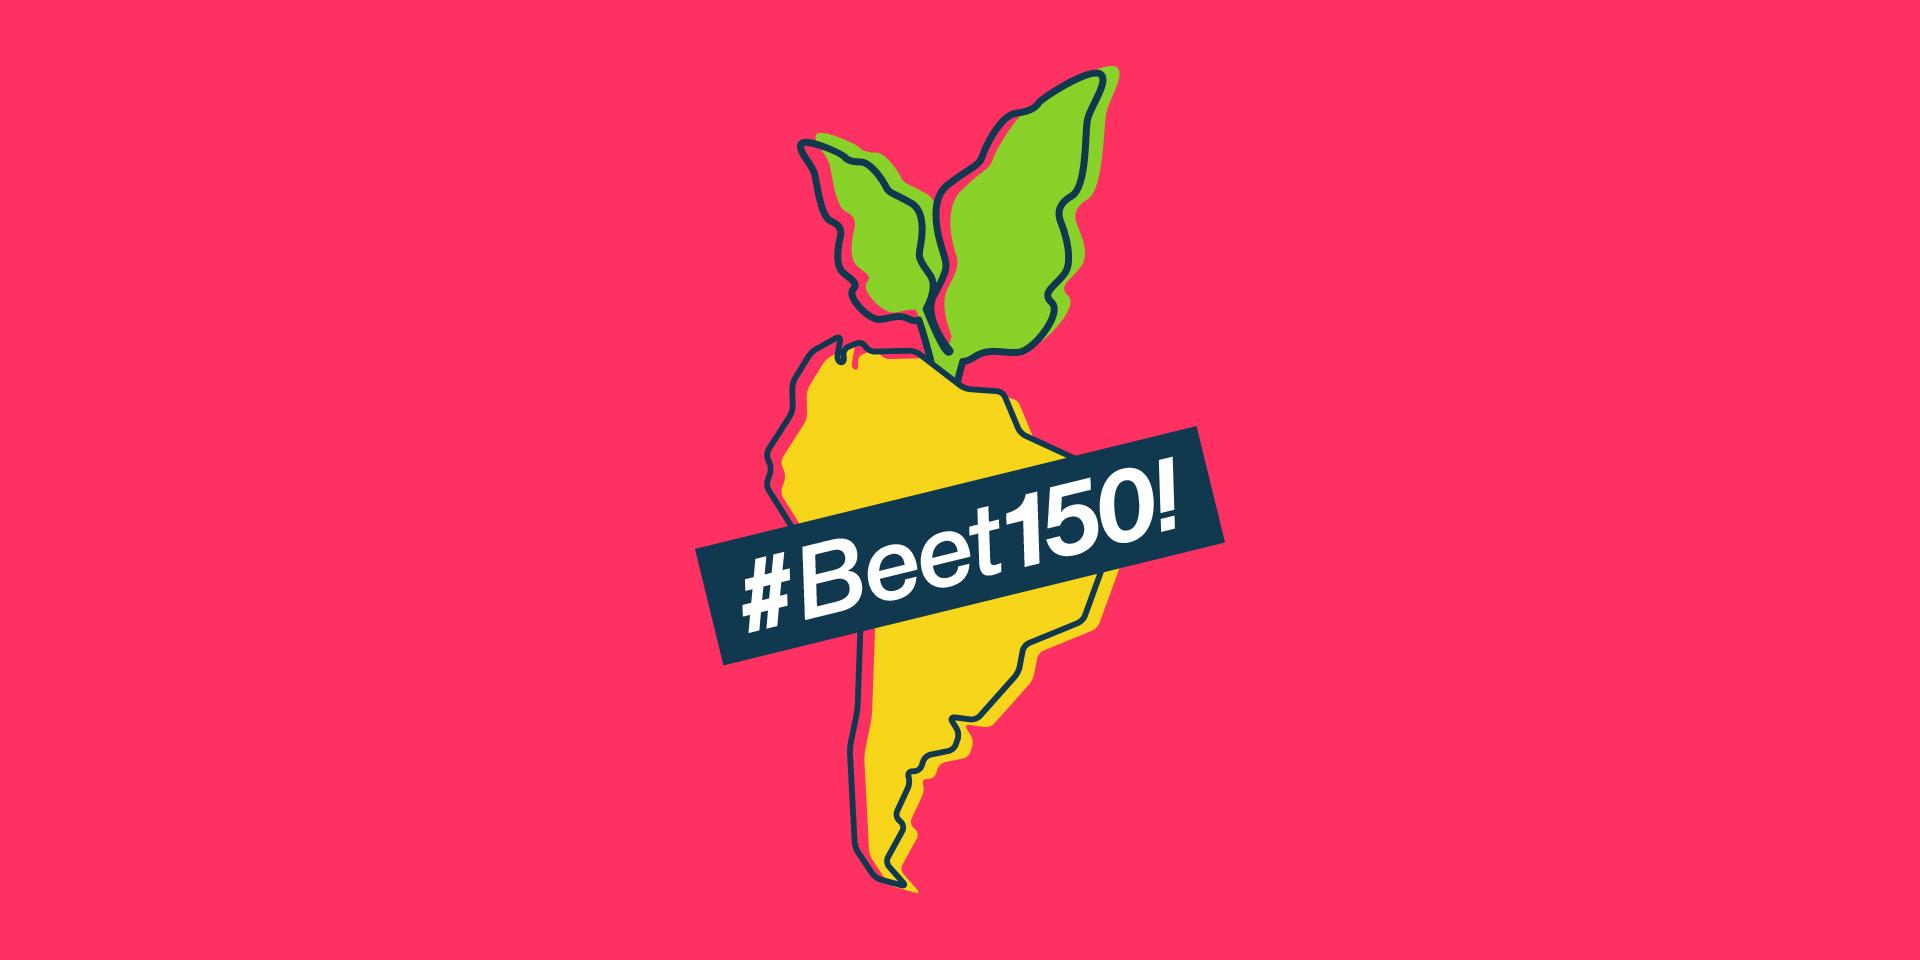 beet150 hashtag visual